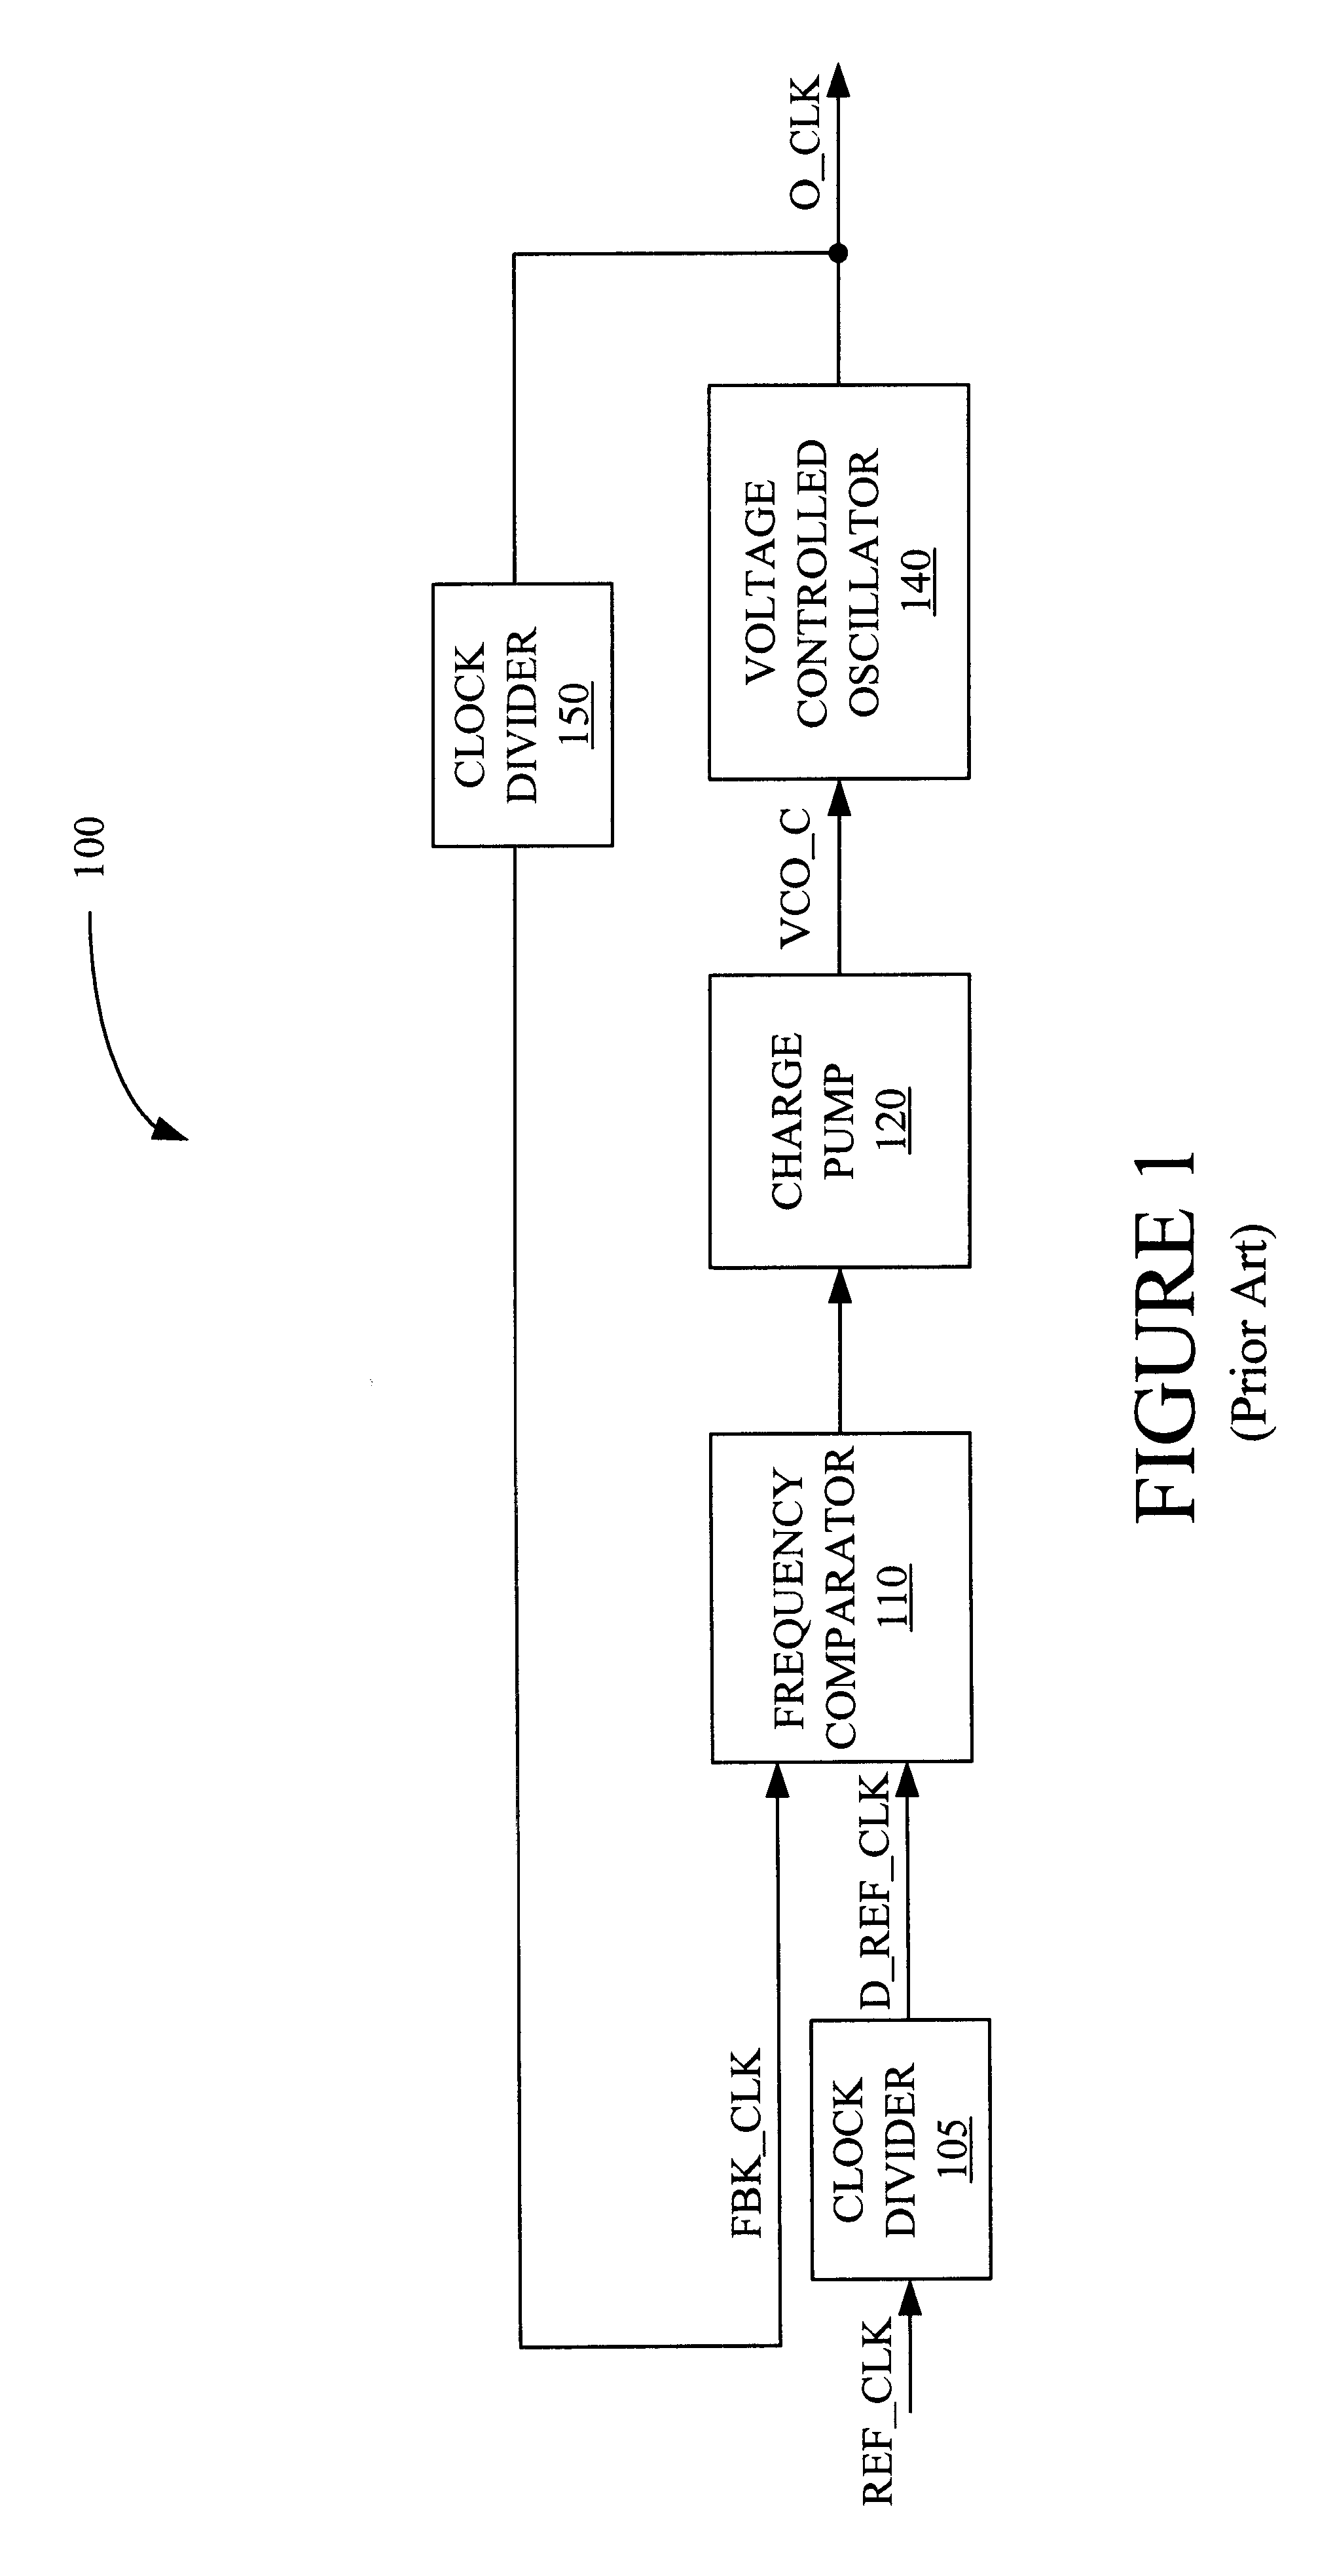 patent us6384647